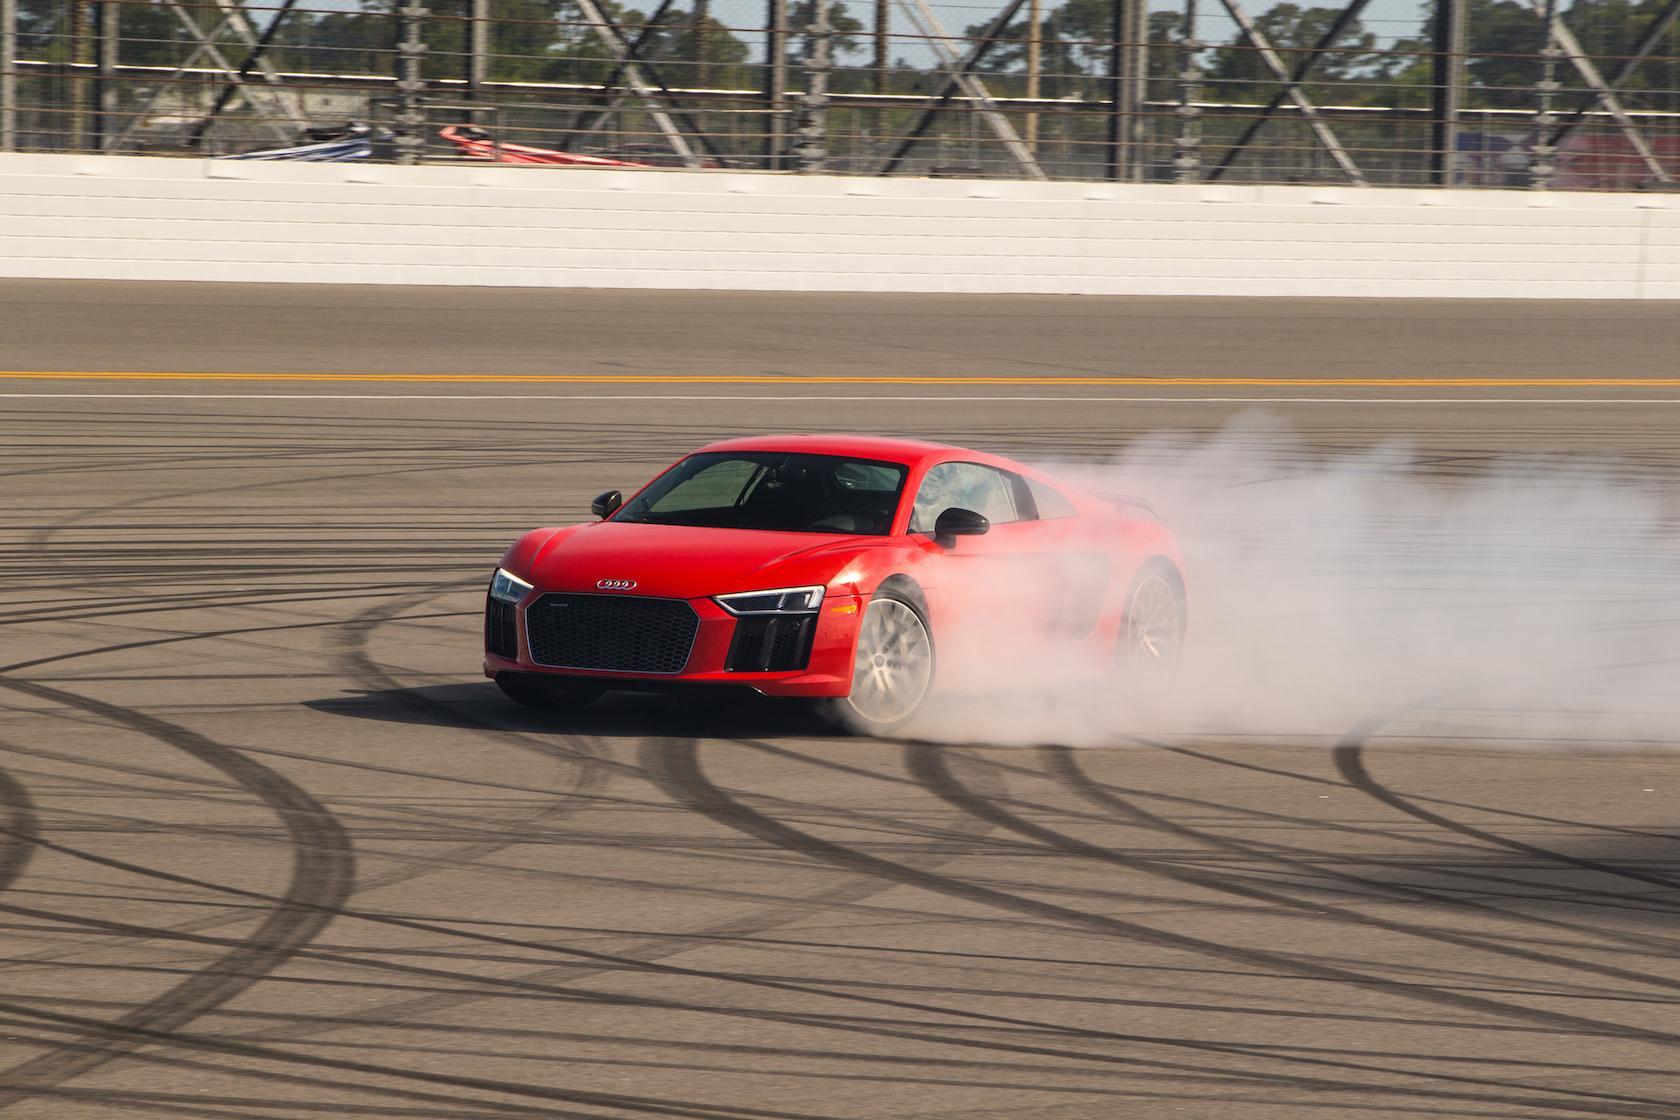 2017 Audi R8 V10 Plus at Daytona International Speedway